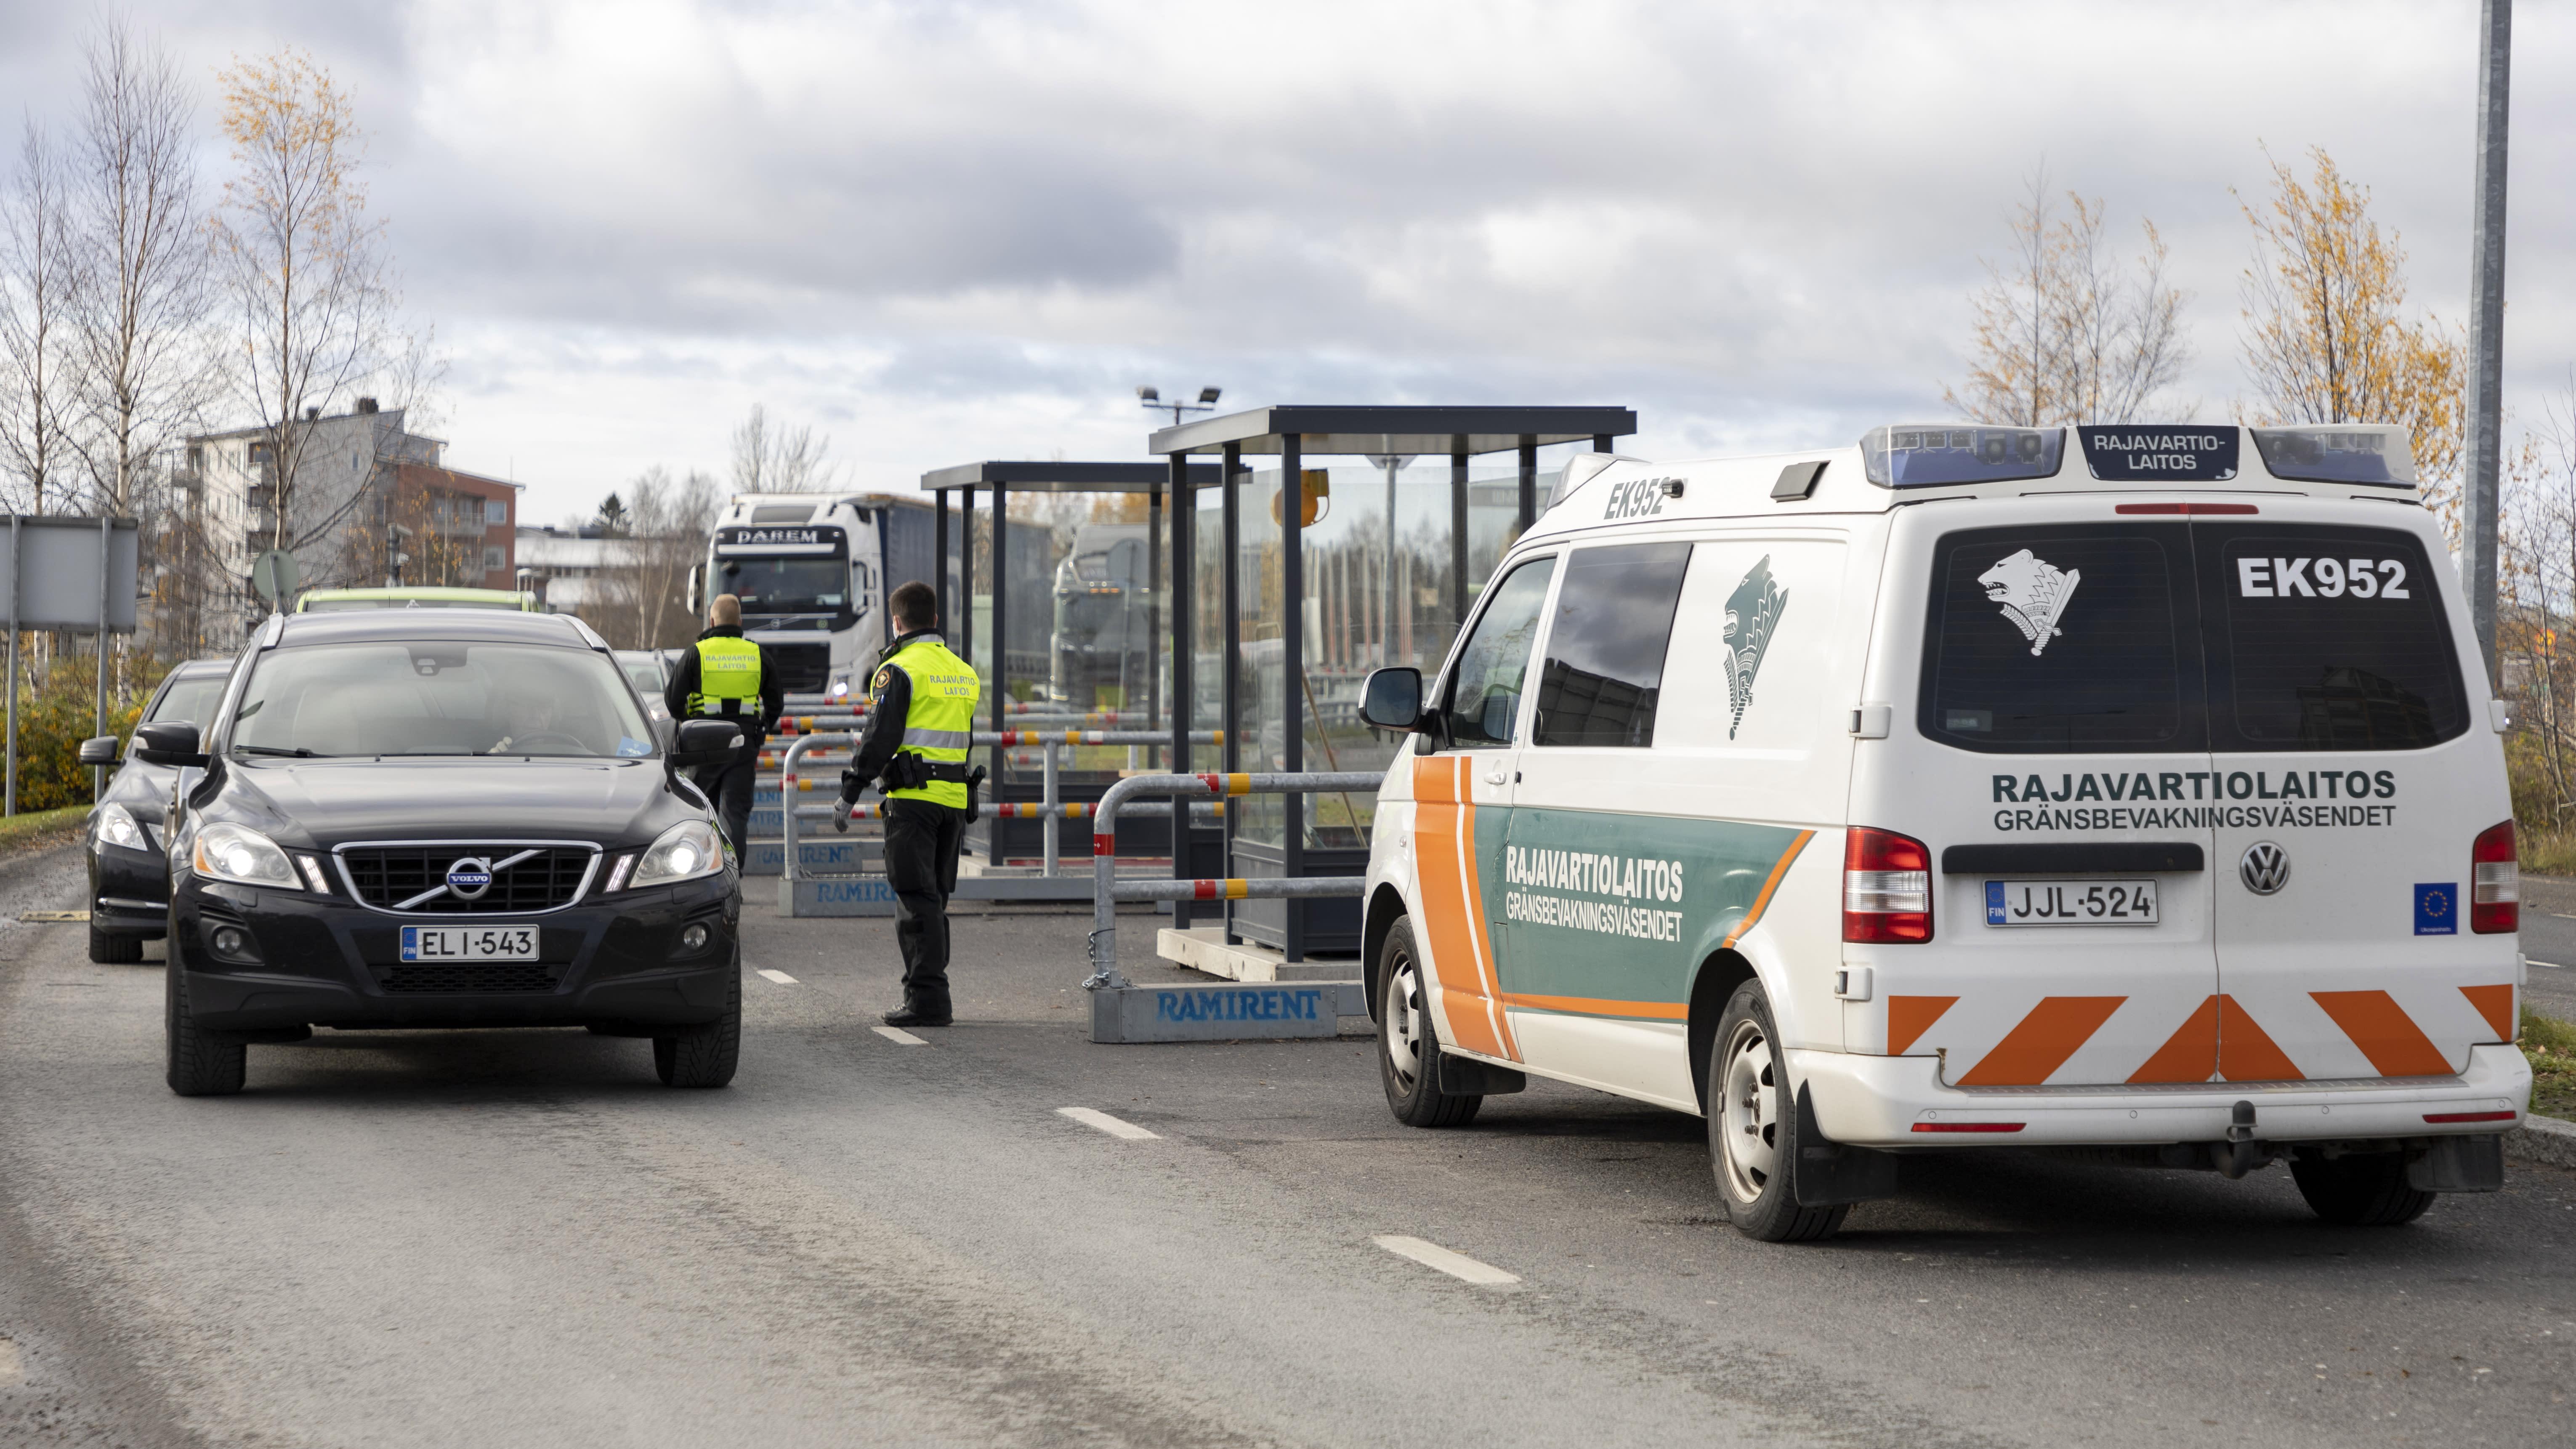 Rajavartijoita pysäyttämässä autoja Torniossa Ruotsin rajalla.